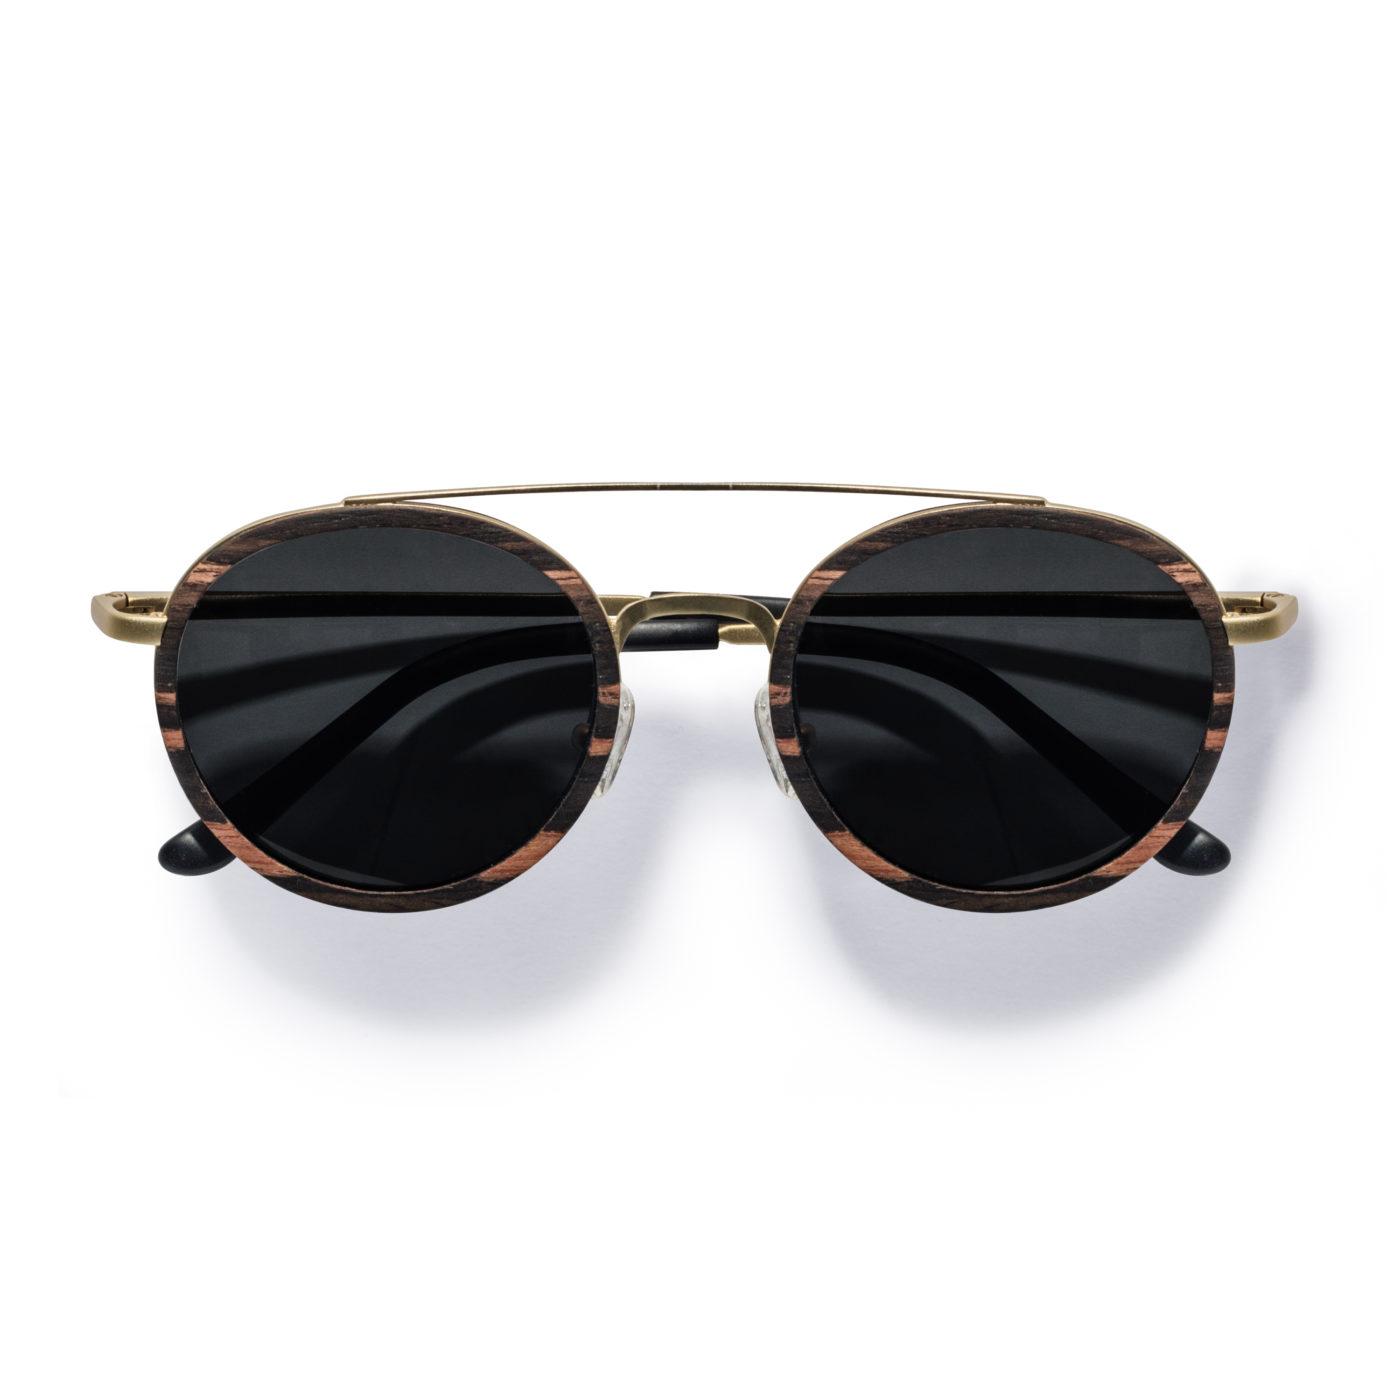 Kraywoods men retro round ebony wood sunglasses polarized